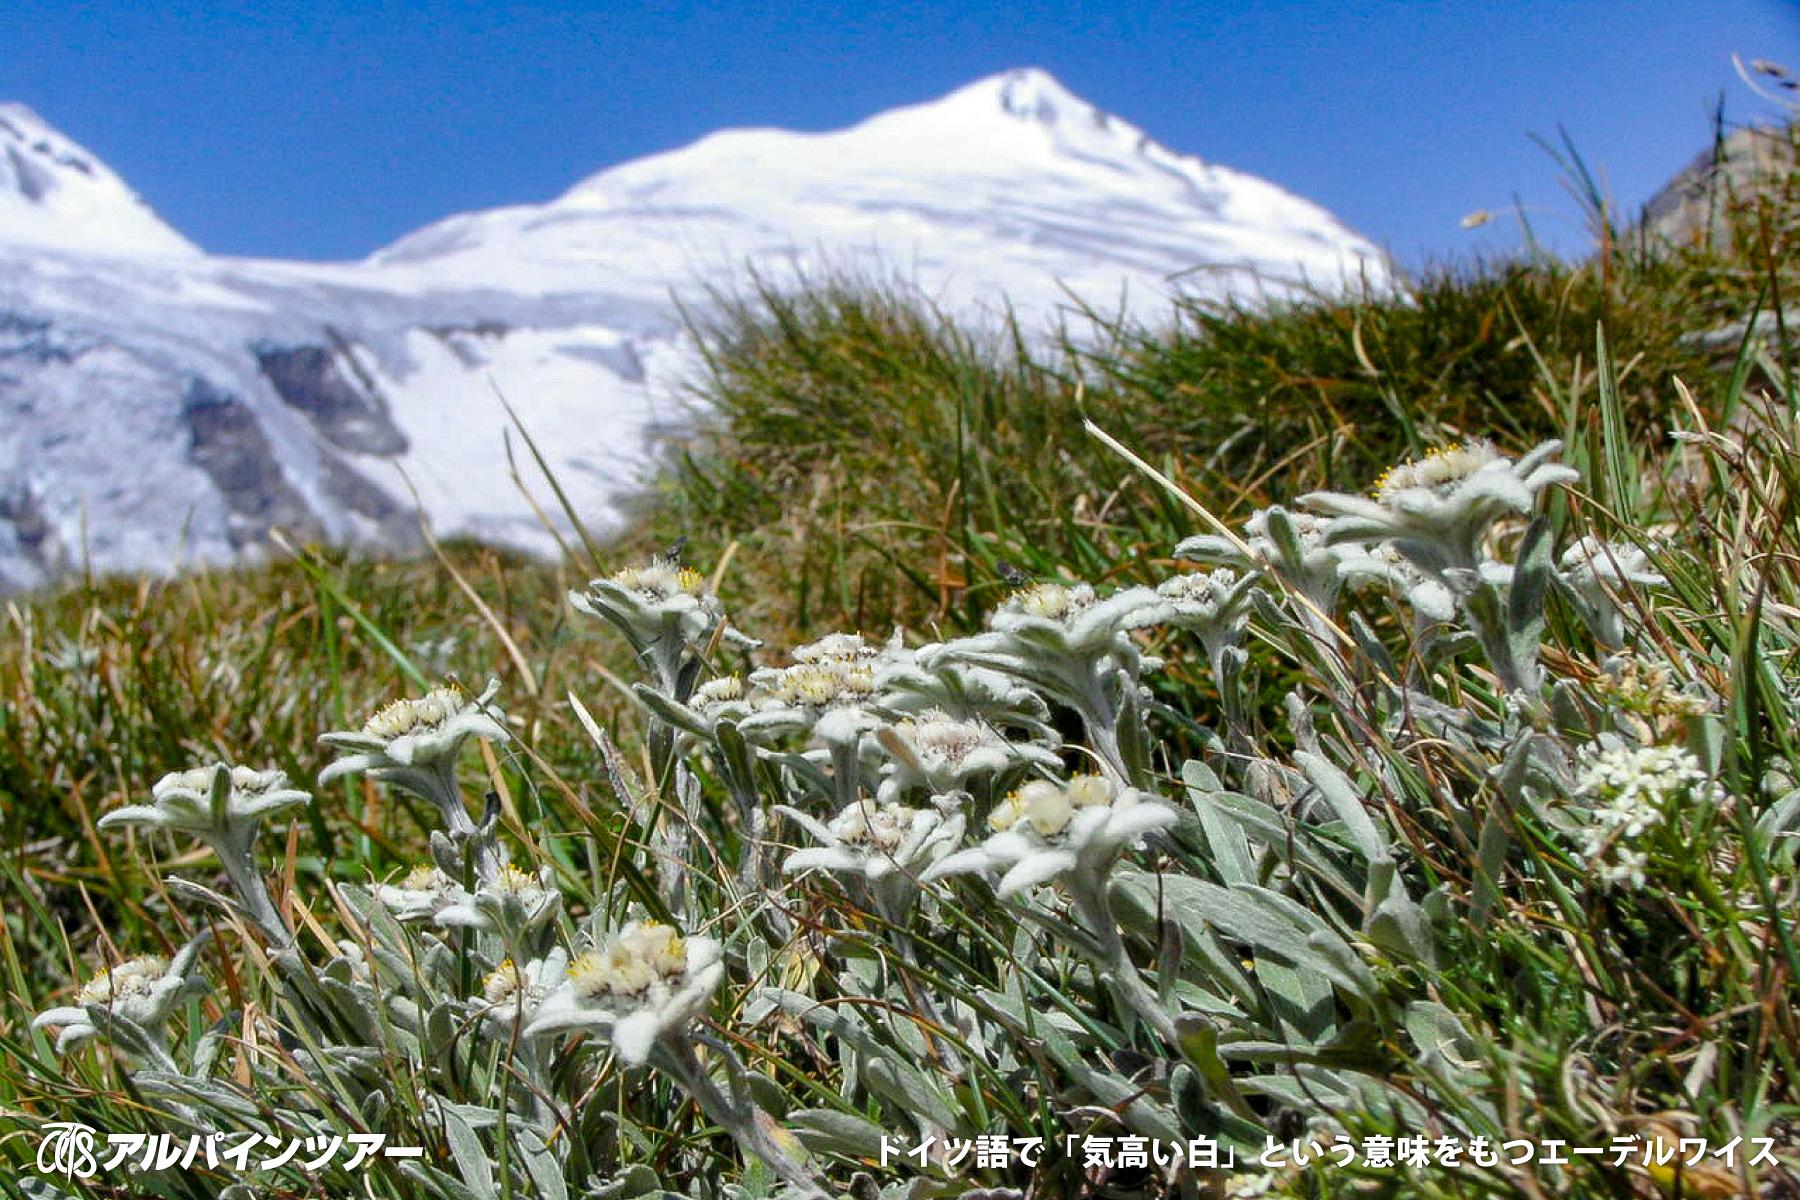 【今日の花】 エーデルワイス(東チロル)